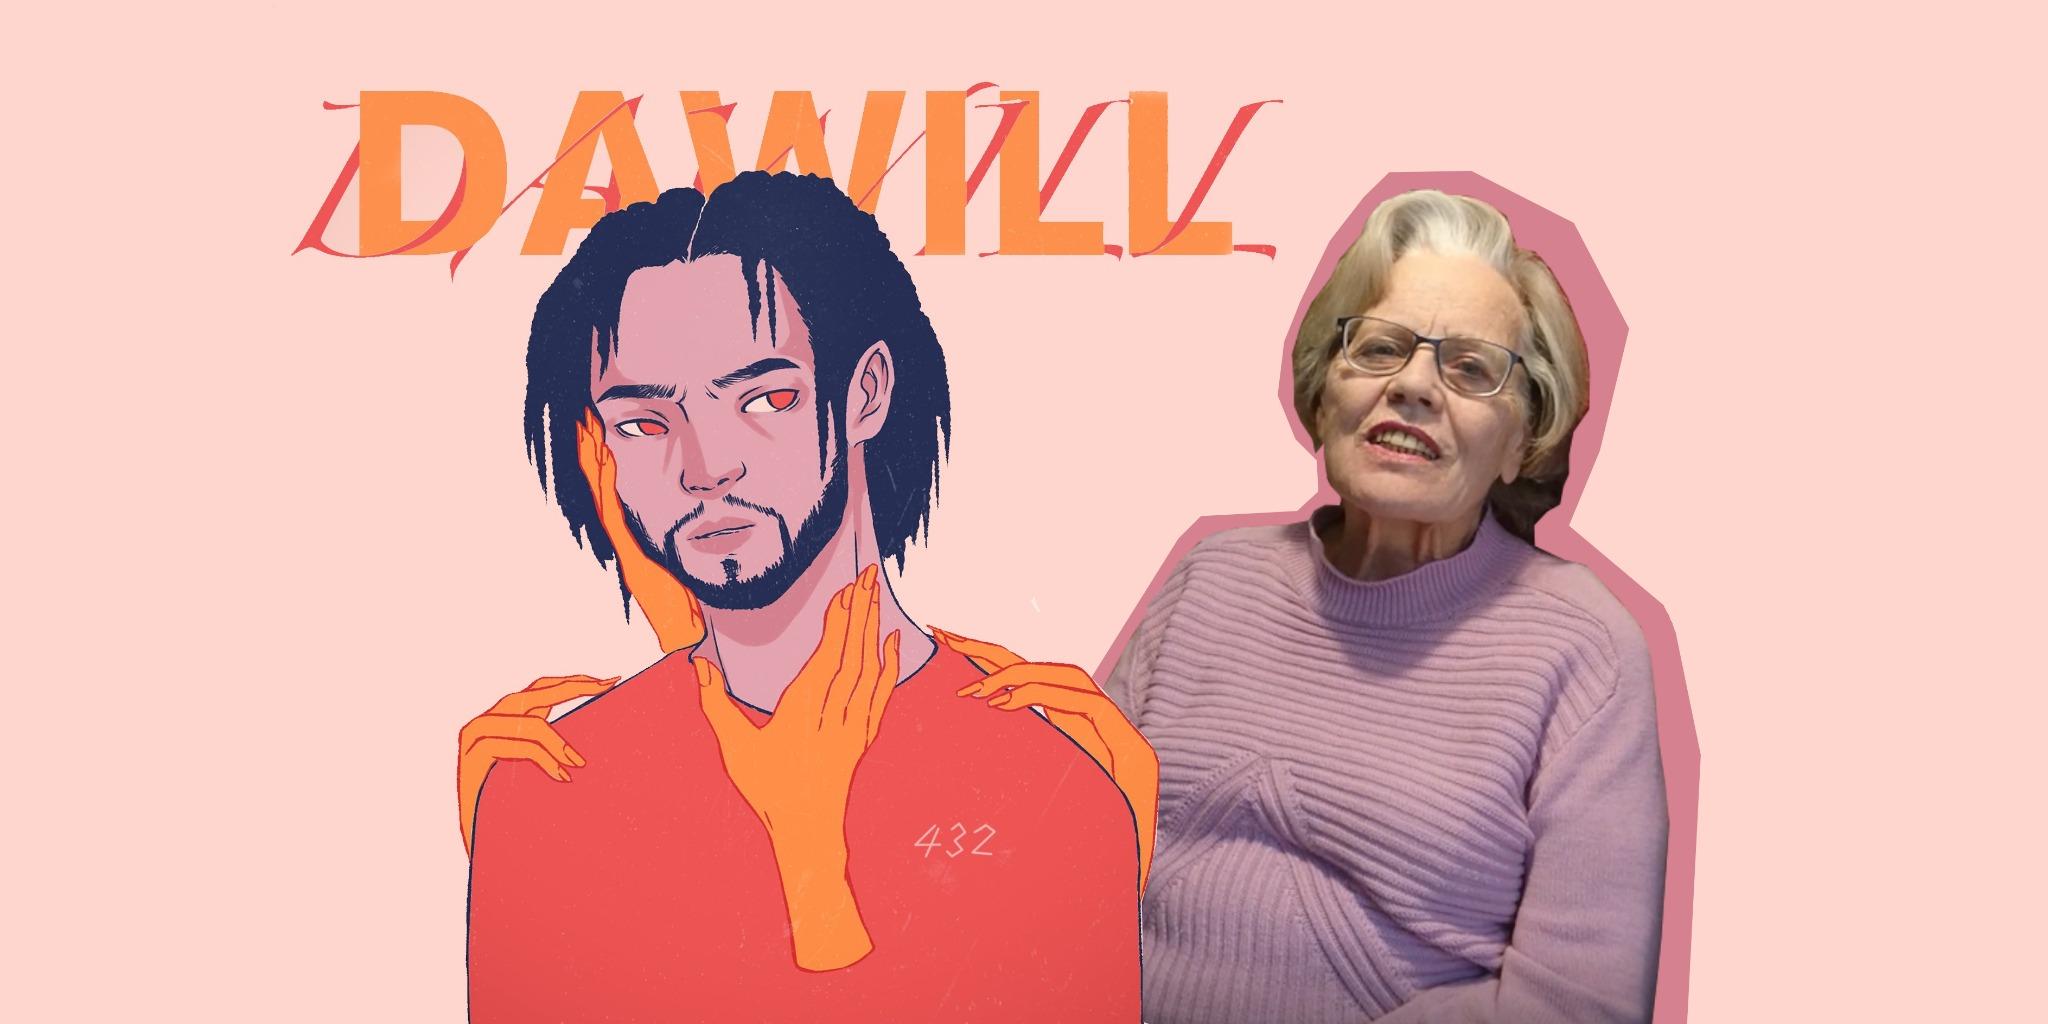 S.O.S.-Fan mit 85 Jahren: Grossmutter rezensiert die neue EP von Dawill